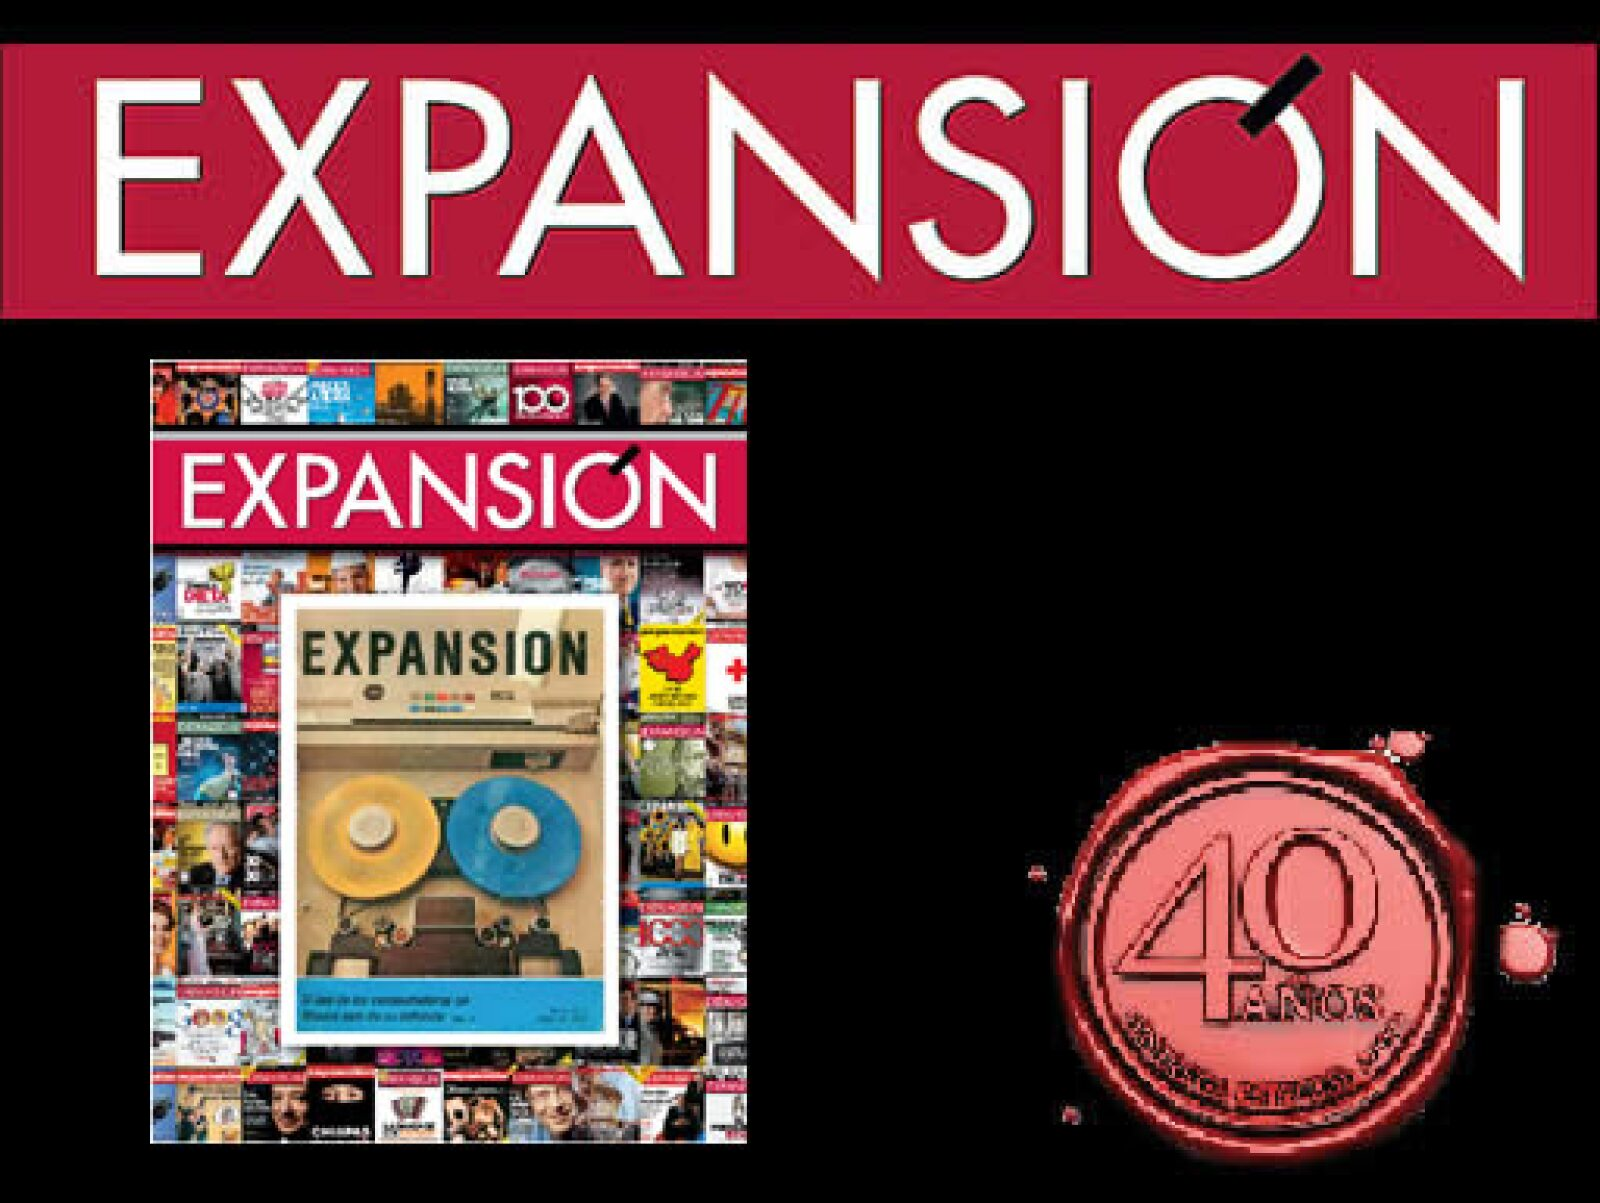 En 1969 el estadounidense Harvey Popell fundó la revista Expansión, cuyo primer ejemplar se publicó el 29 de enero de 1969.